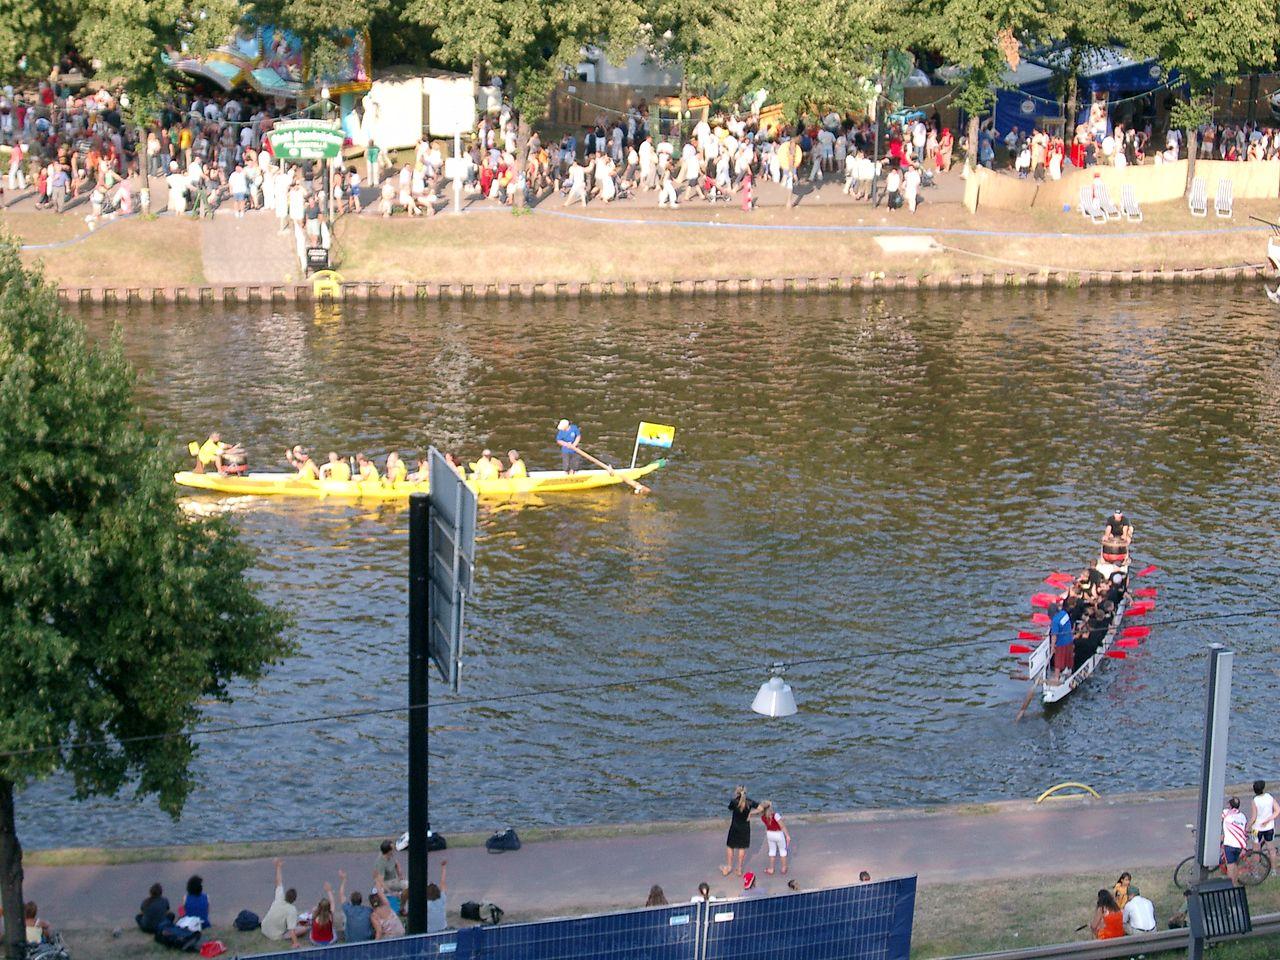 Drachenbootsport das Gemeinschaftserlebnis